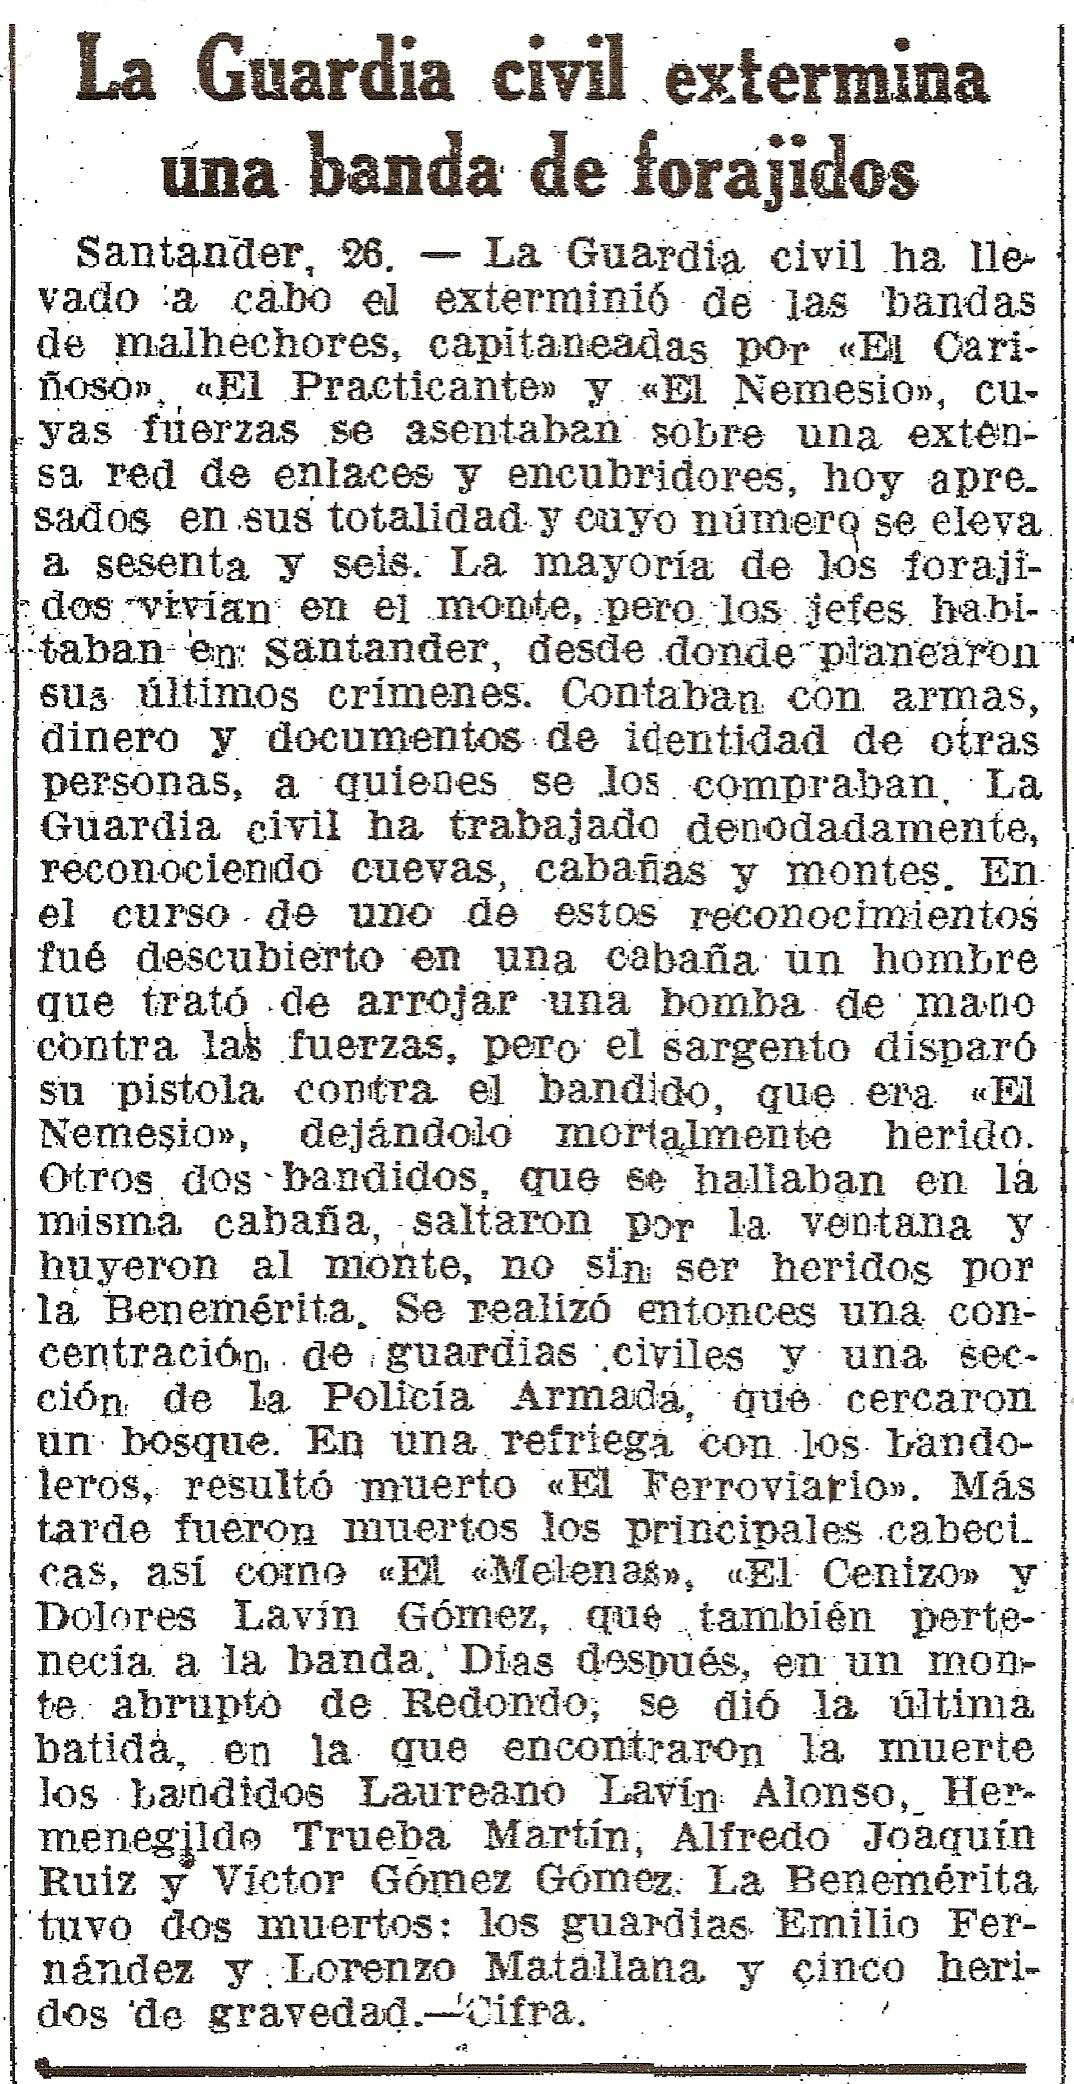 Nota de prensa aparecida el 22-11-1941